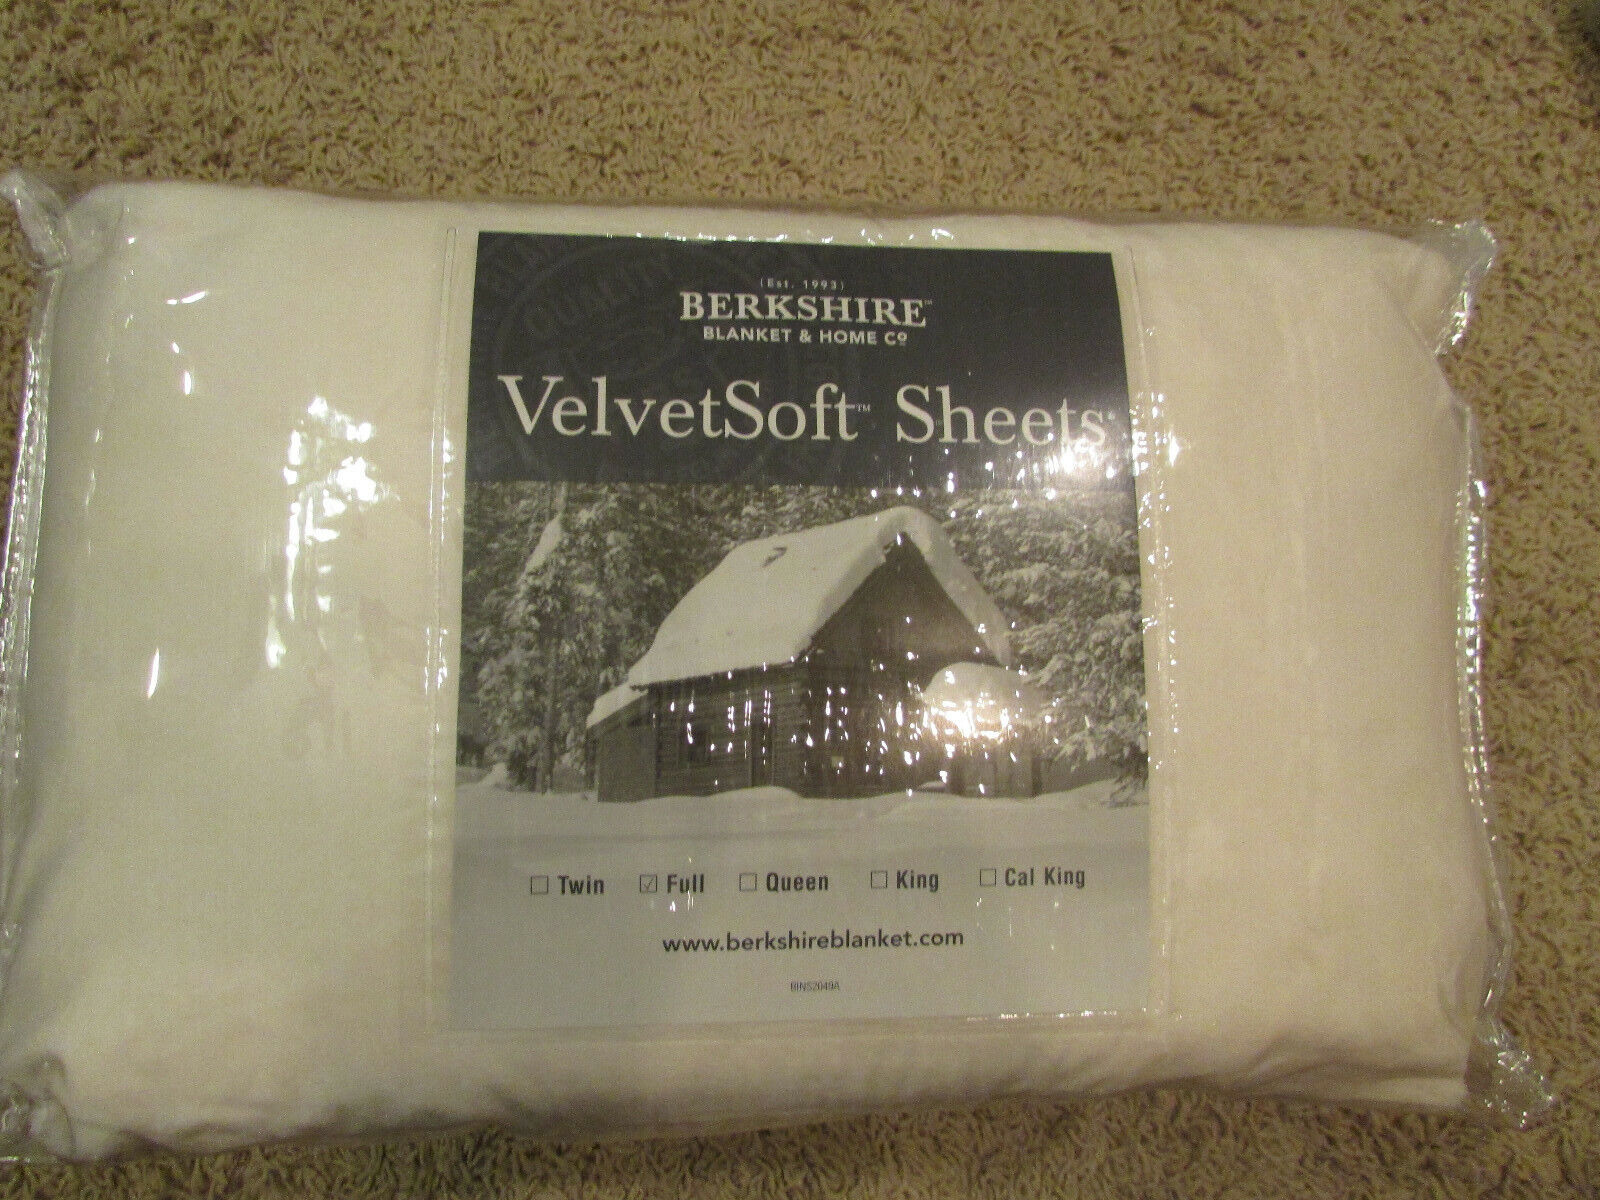 Berkshire VelvetSoft Sheet Set - Full Size - Cream Color - N